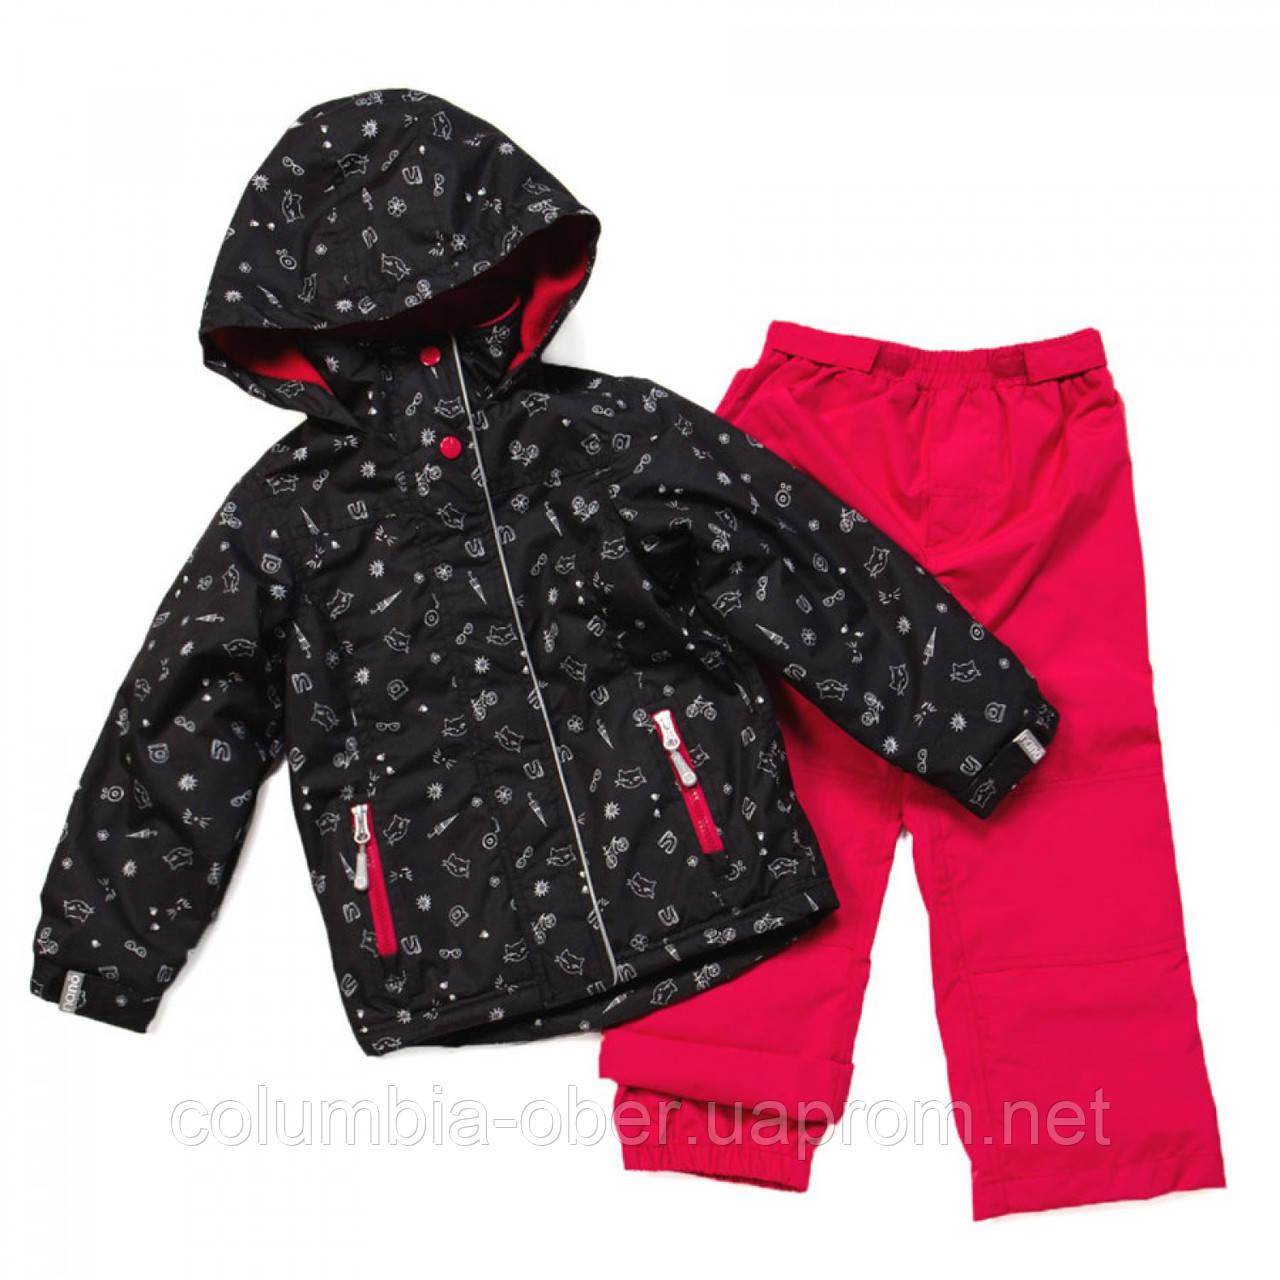 Демисезонный костюм для девочек Nano 262 M S17 Black / Scarlet. Размер 74 - 132.